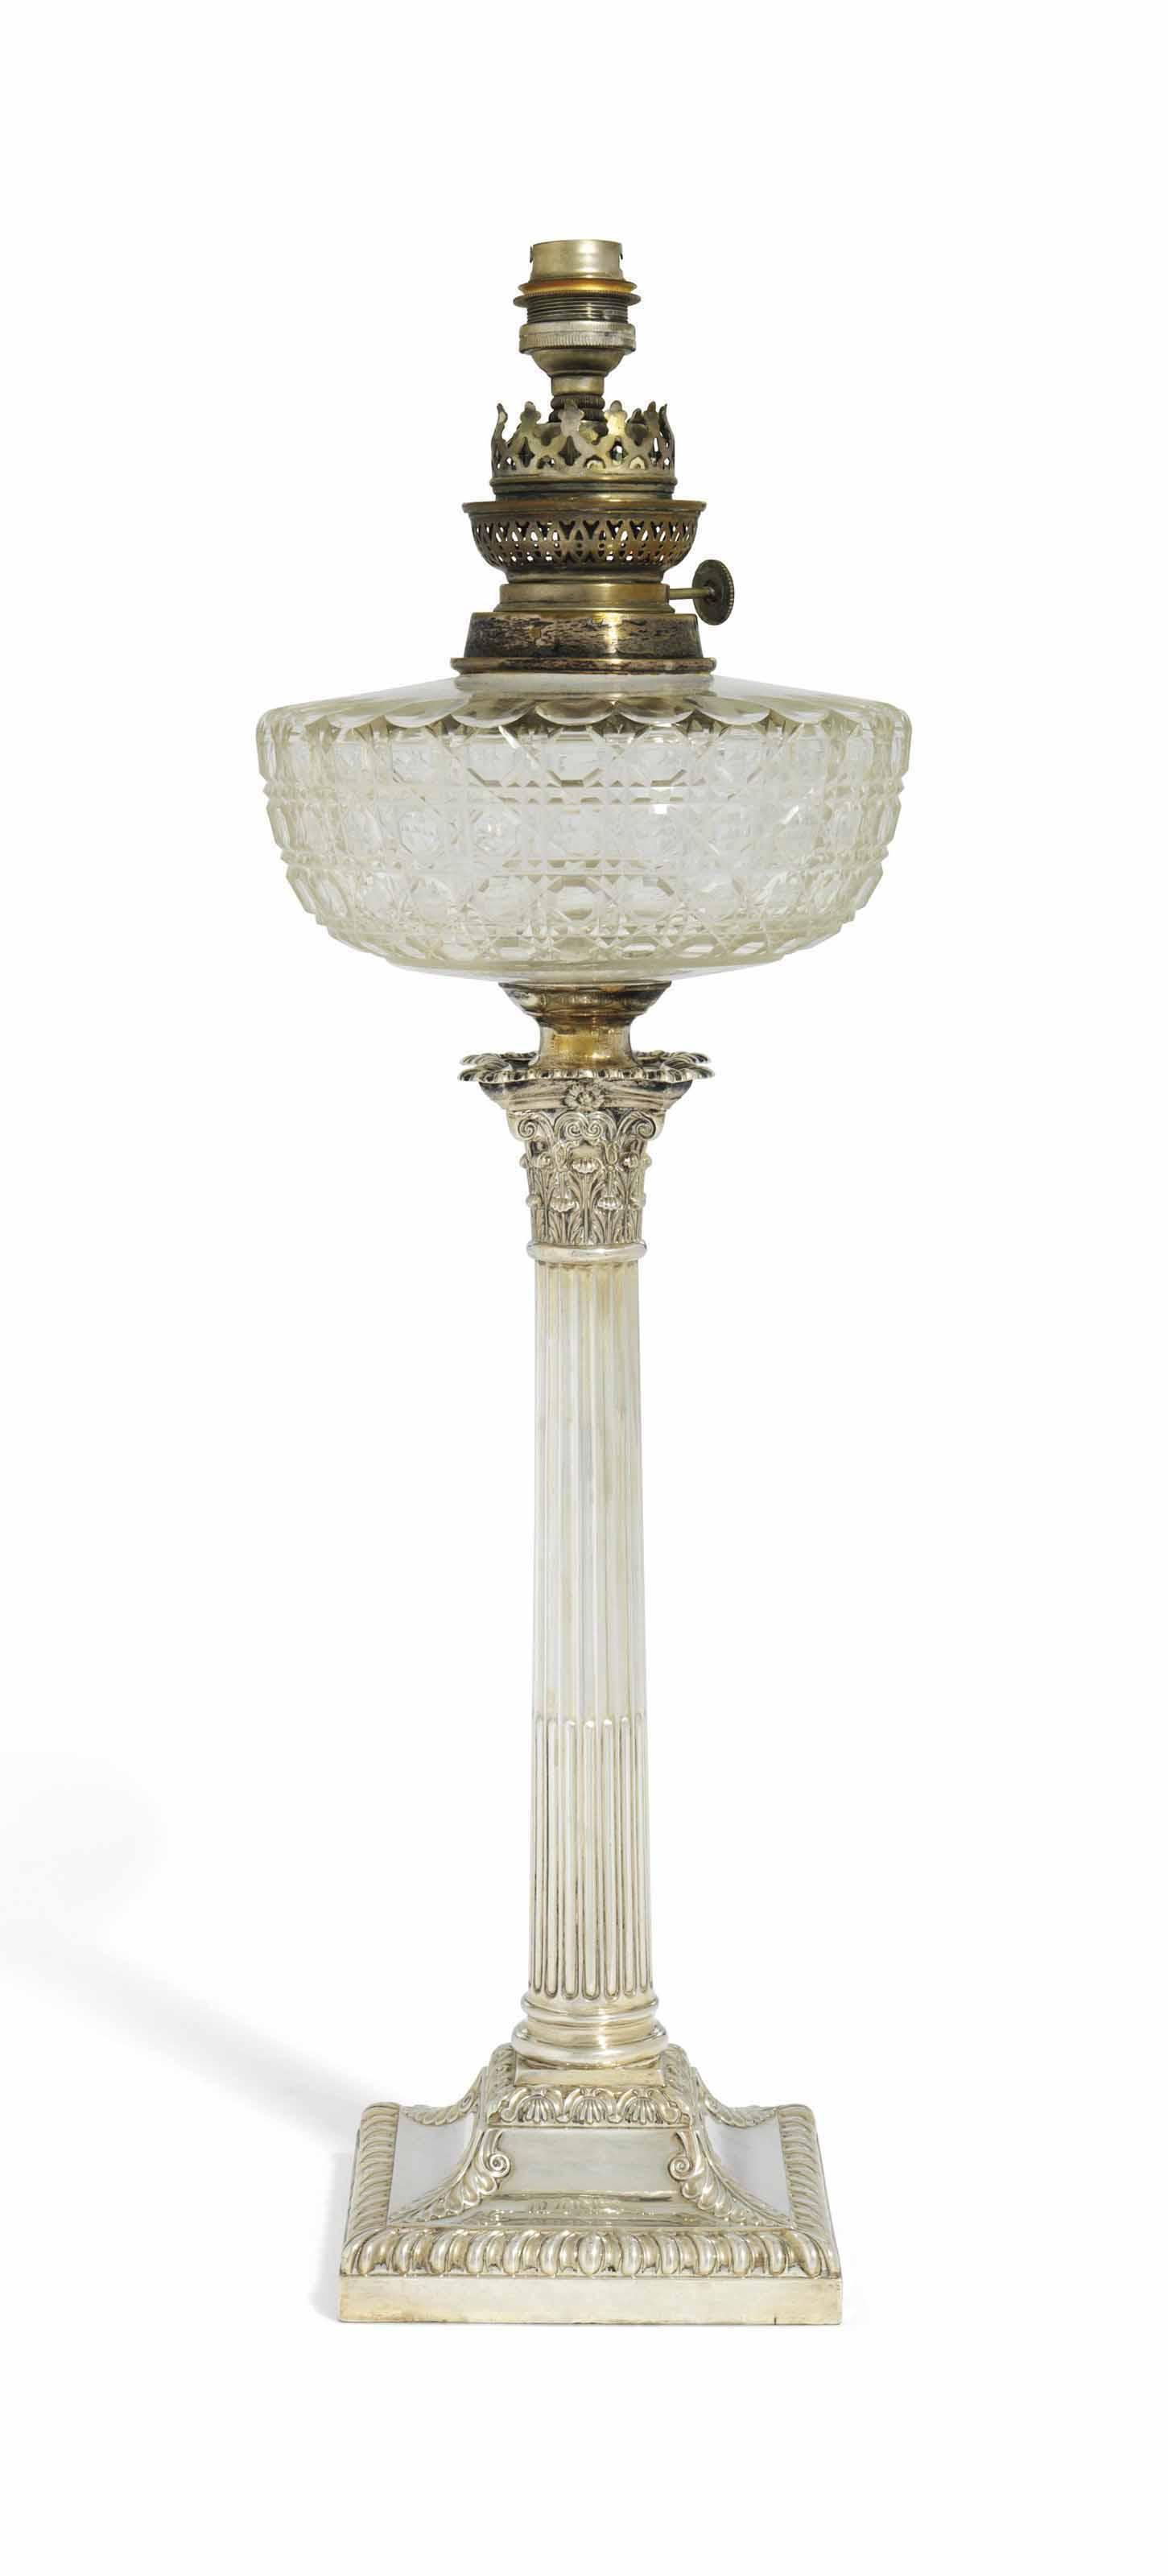 AN EDWARD VII SILVER LAMP